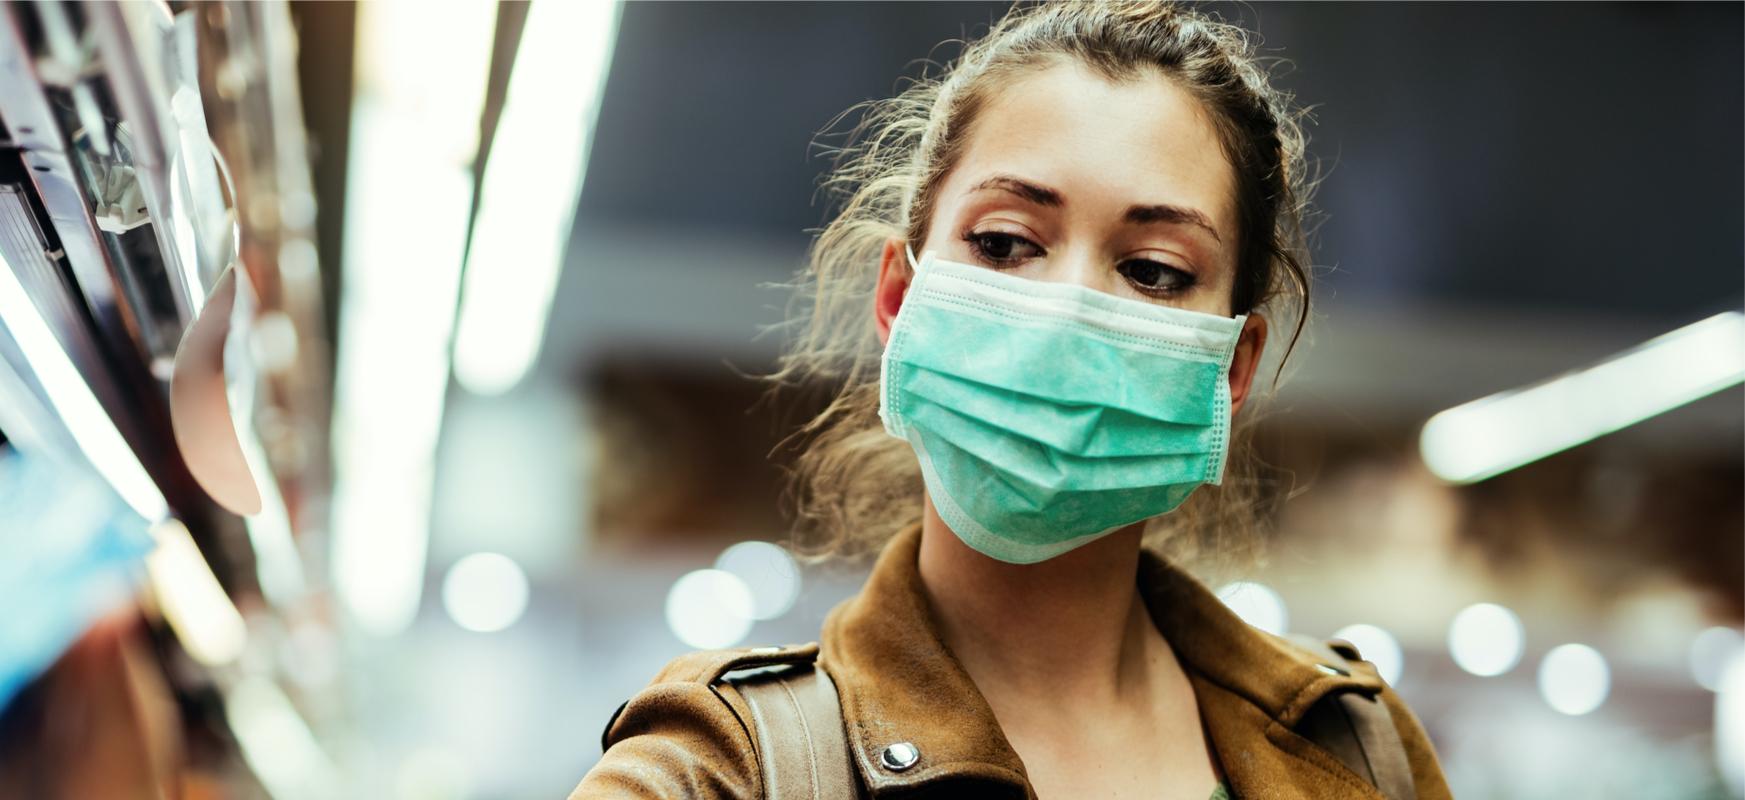 Ahoa eta sudurra estaltzeko betebeharra itzuliko da.  Coronavirus infekzioaren bigarren olatu batek behartuko du